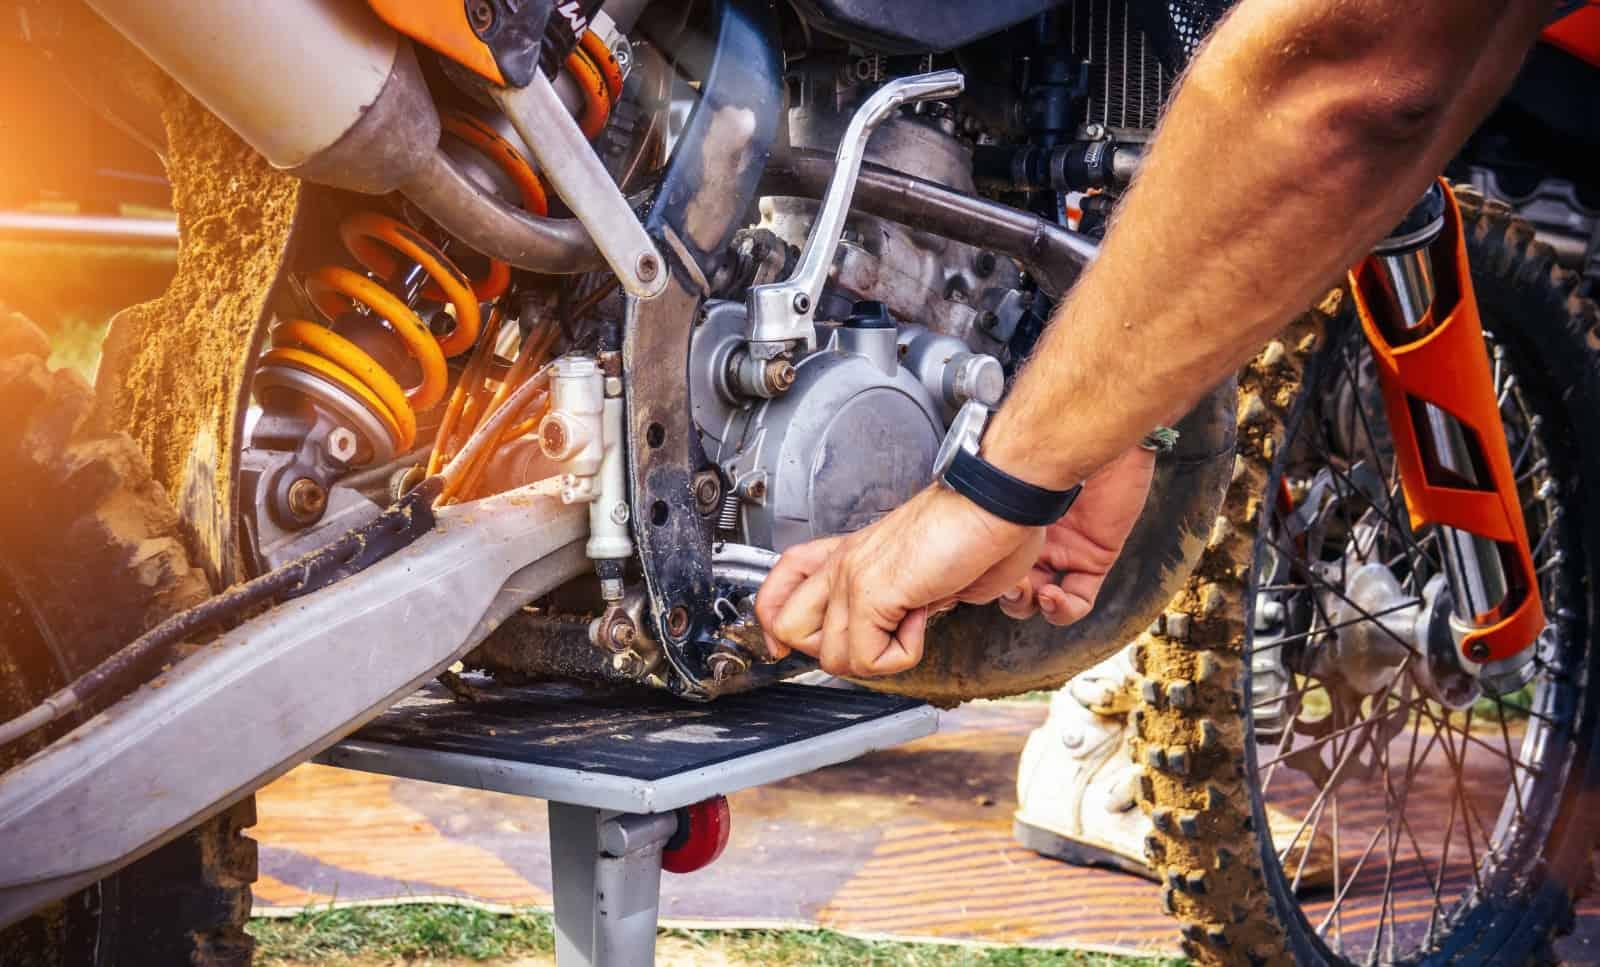 colocar la moto para mantenimiento